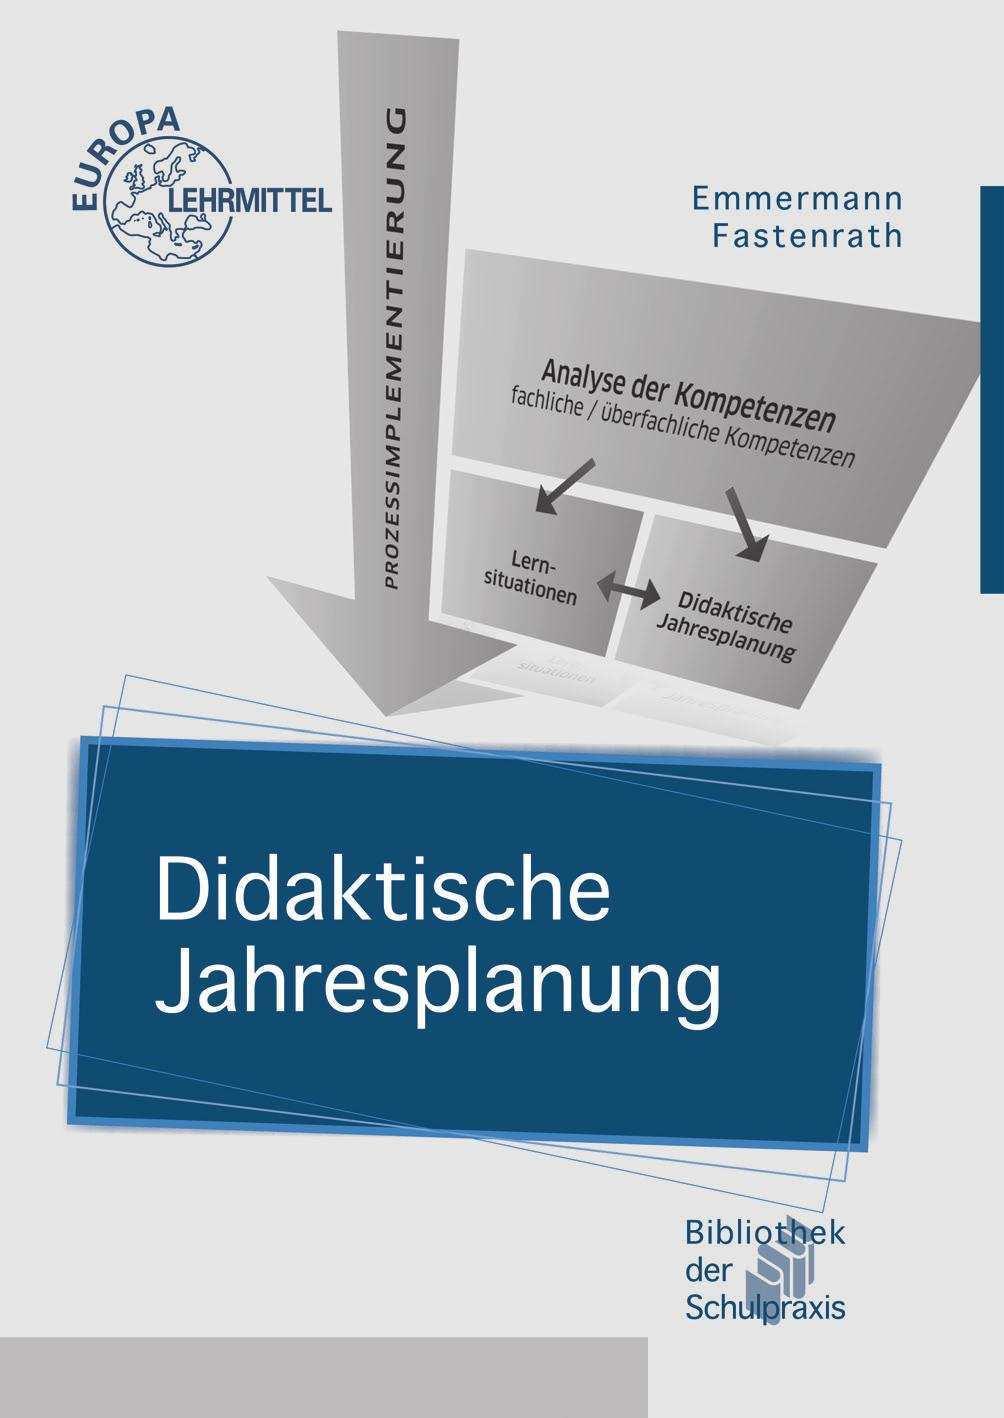 Didaktische Jahresplanung Pdf Kostenfreier Download